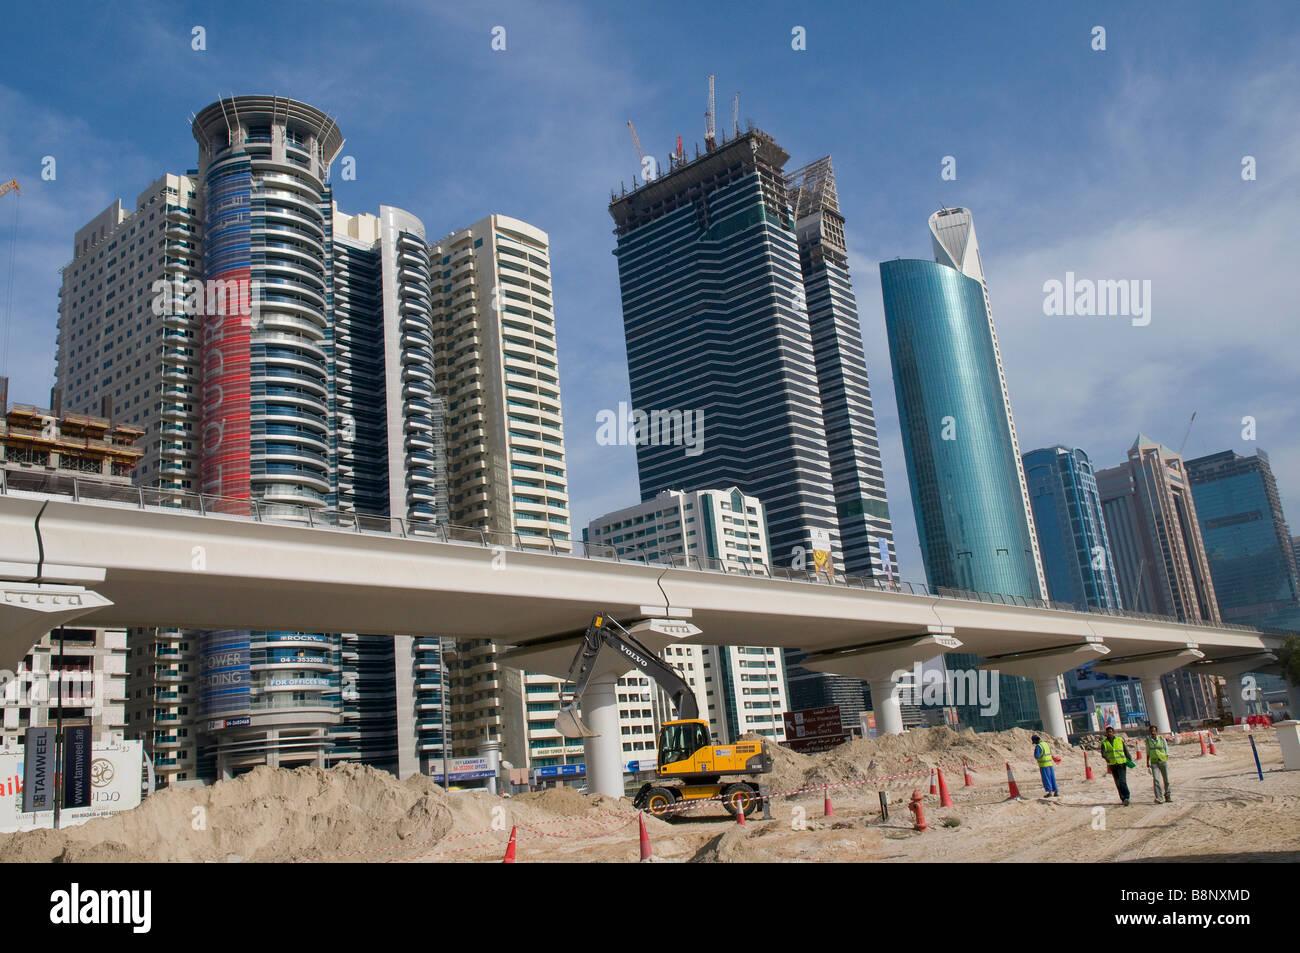 moderne zeitgenössische Architektur, Dubai, Vereinigte Arabische Emirate Stockbild